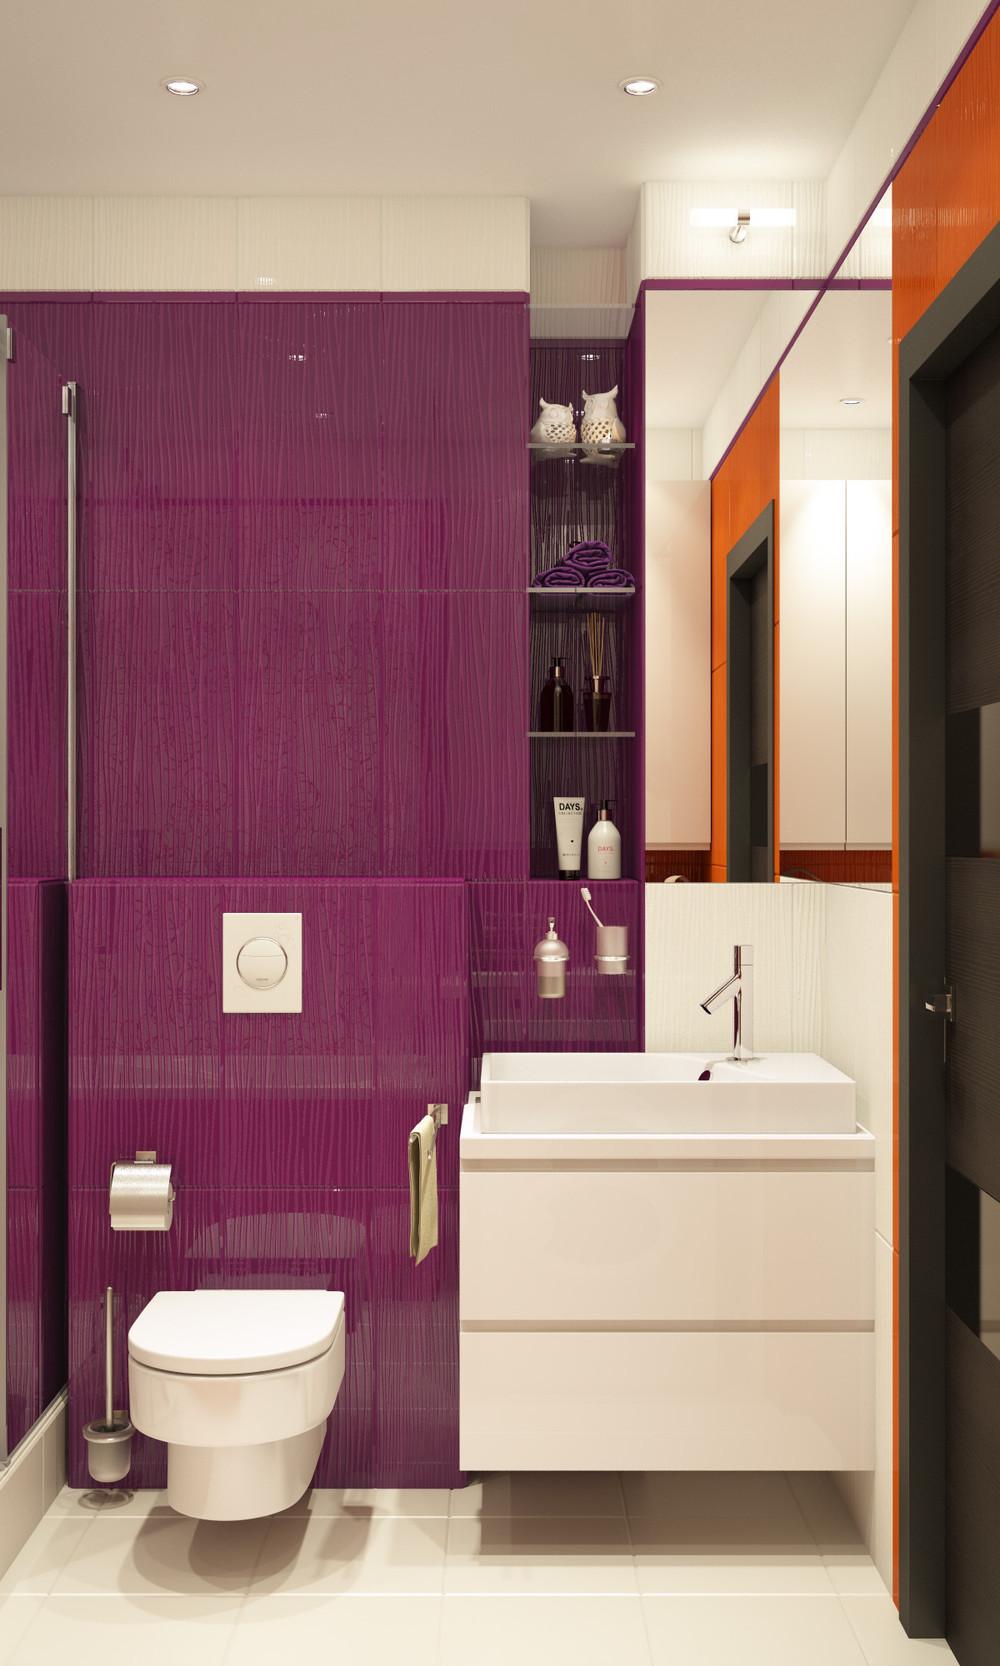 Wedo thiết kế nội phòng tắm đơn giản, sáng tạo cho chung cư nhỏ